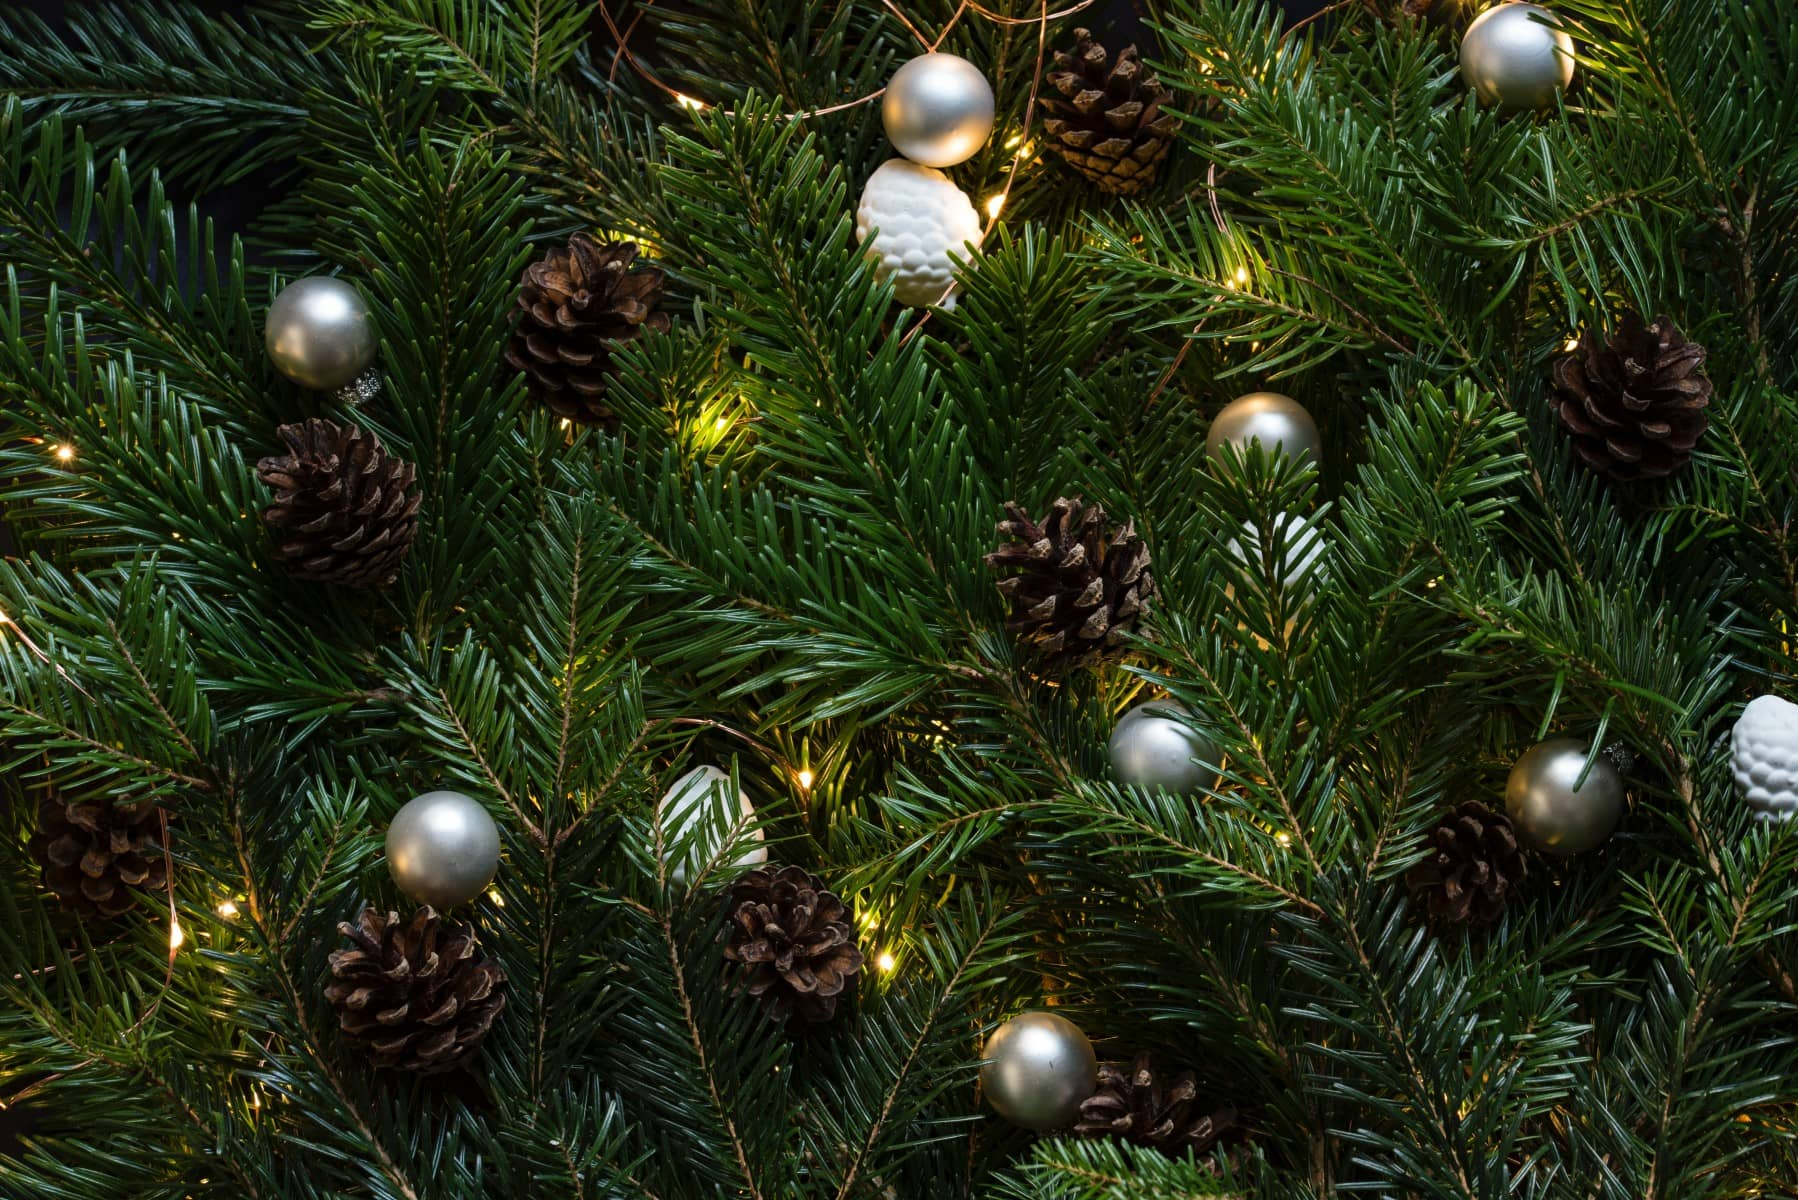 So schaffst du ein weihnachtliches Zuhause - Ohne Kitsch